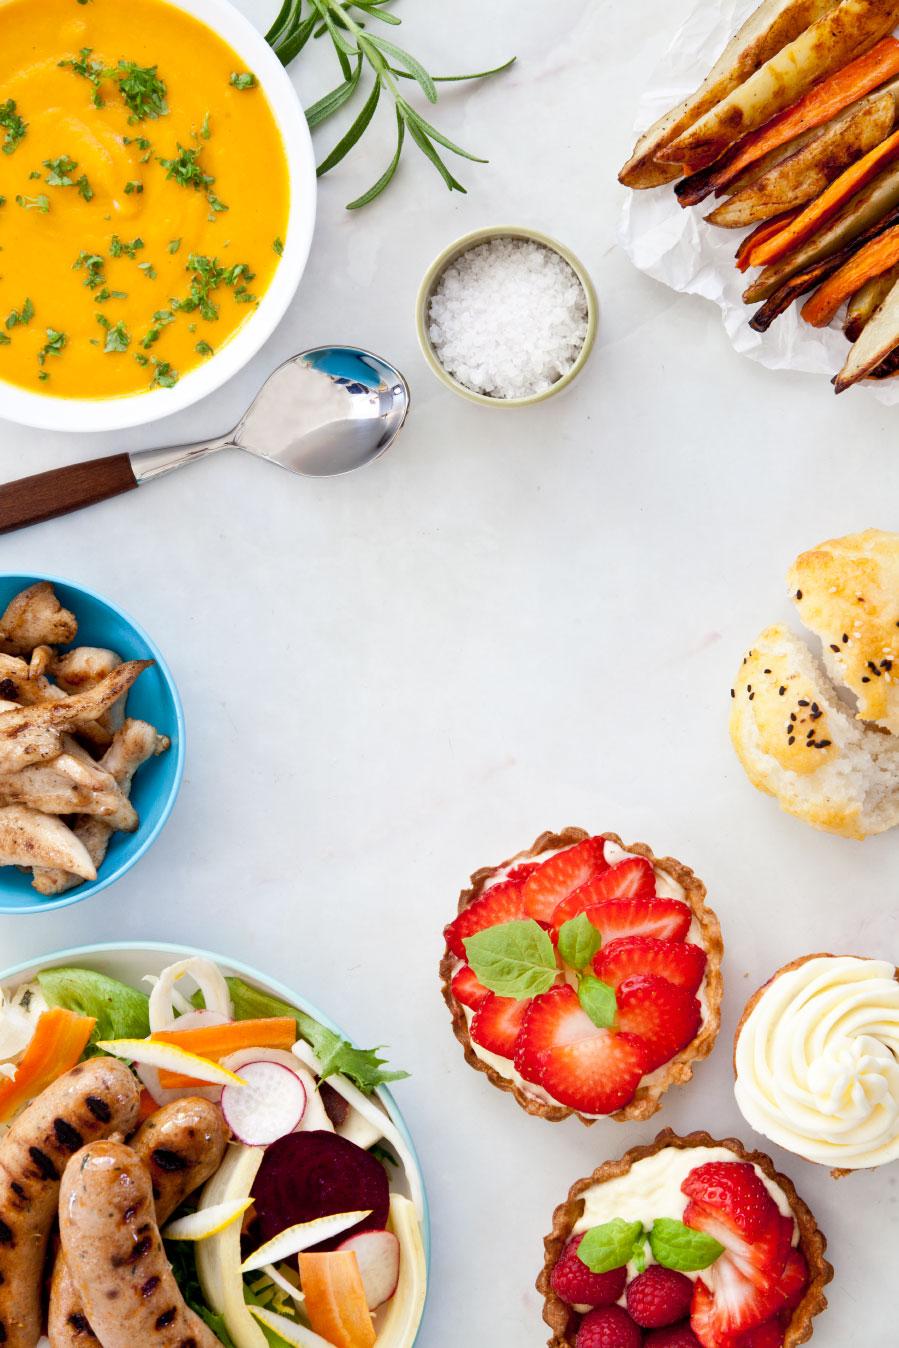 LavFODMAP - Magevennlig mat - Utvikling av kokebok fra idé, tekst og oppskrifter, til styling, foto og design